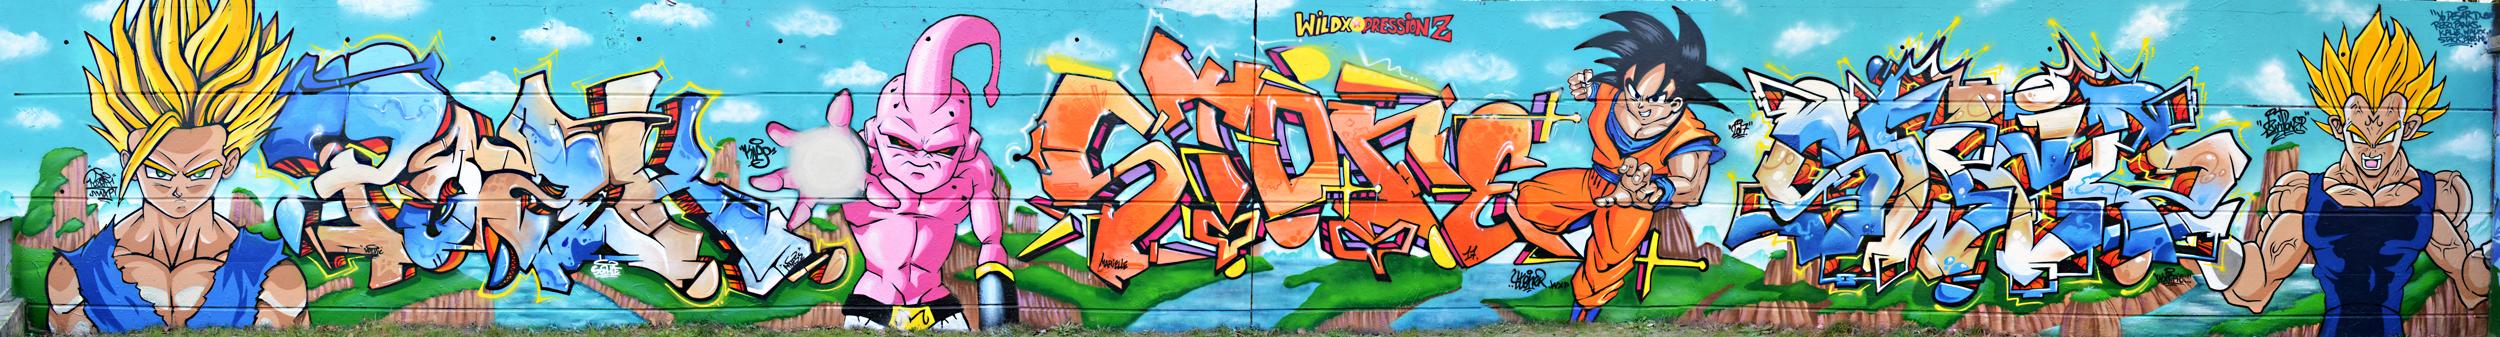 Graffiti dragon ball z